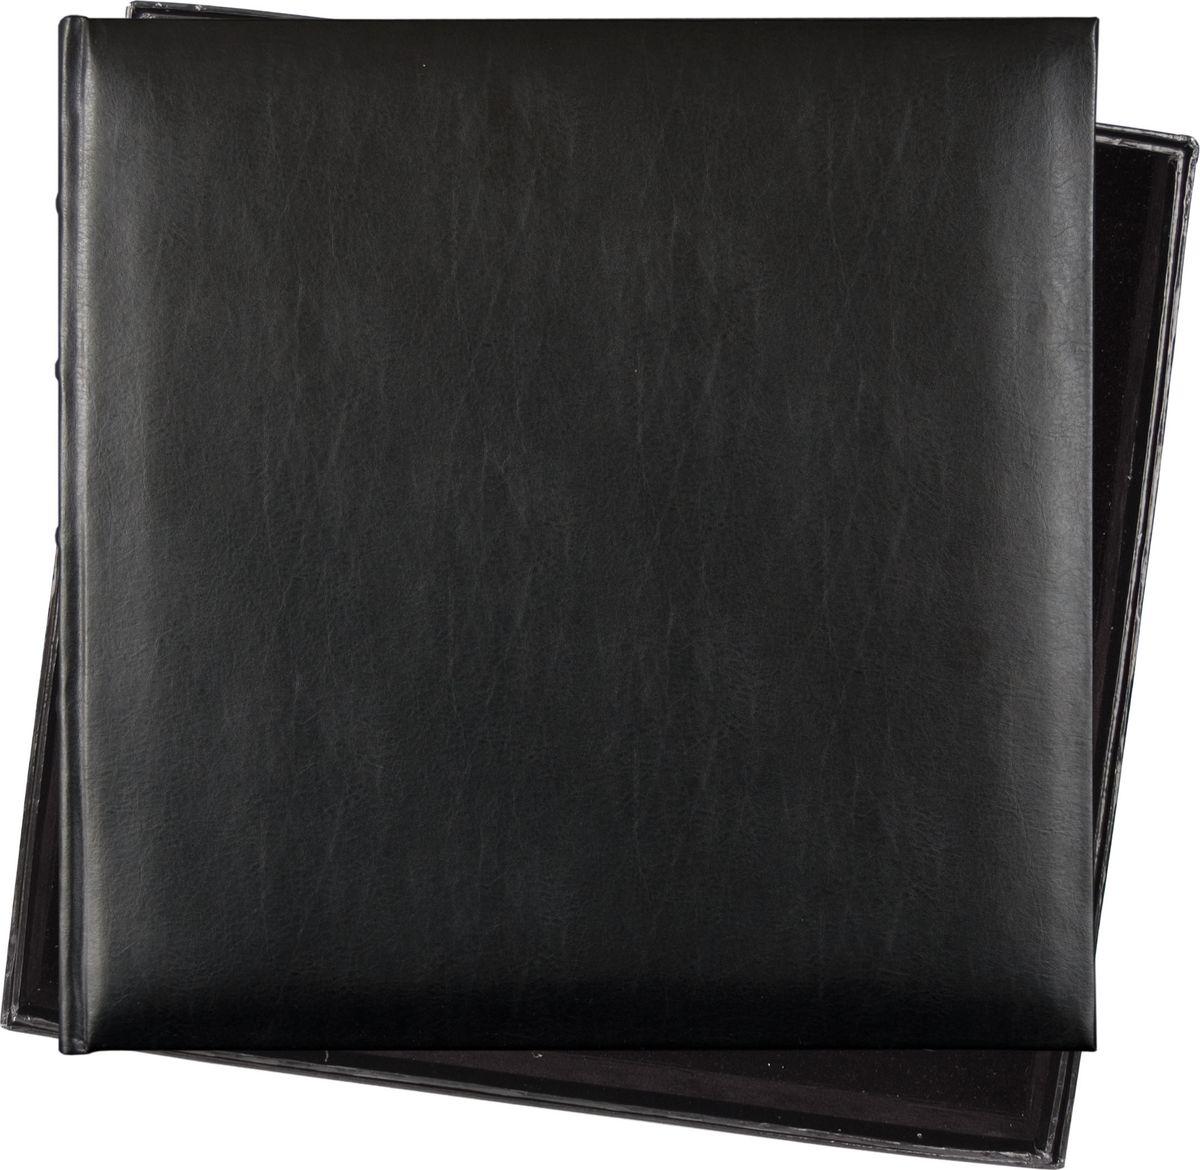 Фотоальбом Innova Bonded Leather, под уголки, цвет: черный, 36 х 36 см. Q609935 nakabayashi kt cat strawberry japan import ncl мультфильм альбом сделай сам фотоальбом мультфильм альбом альбом lf 120 2 1